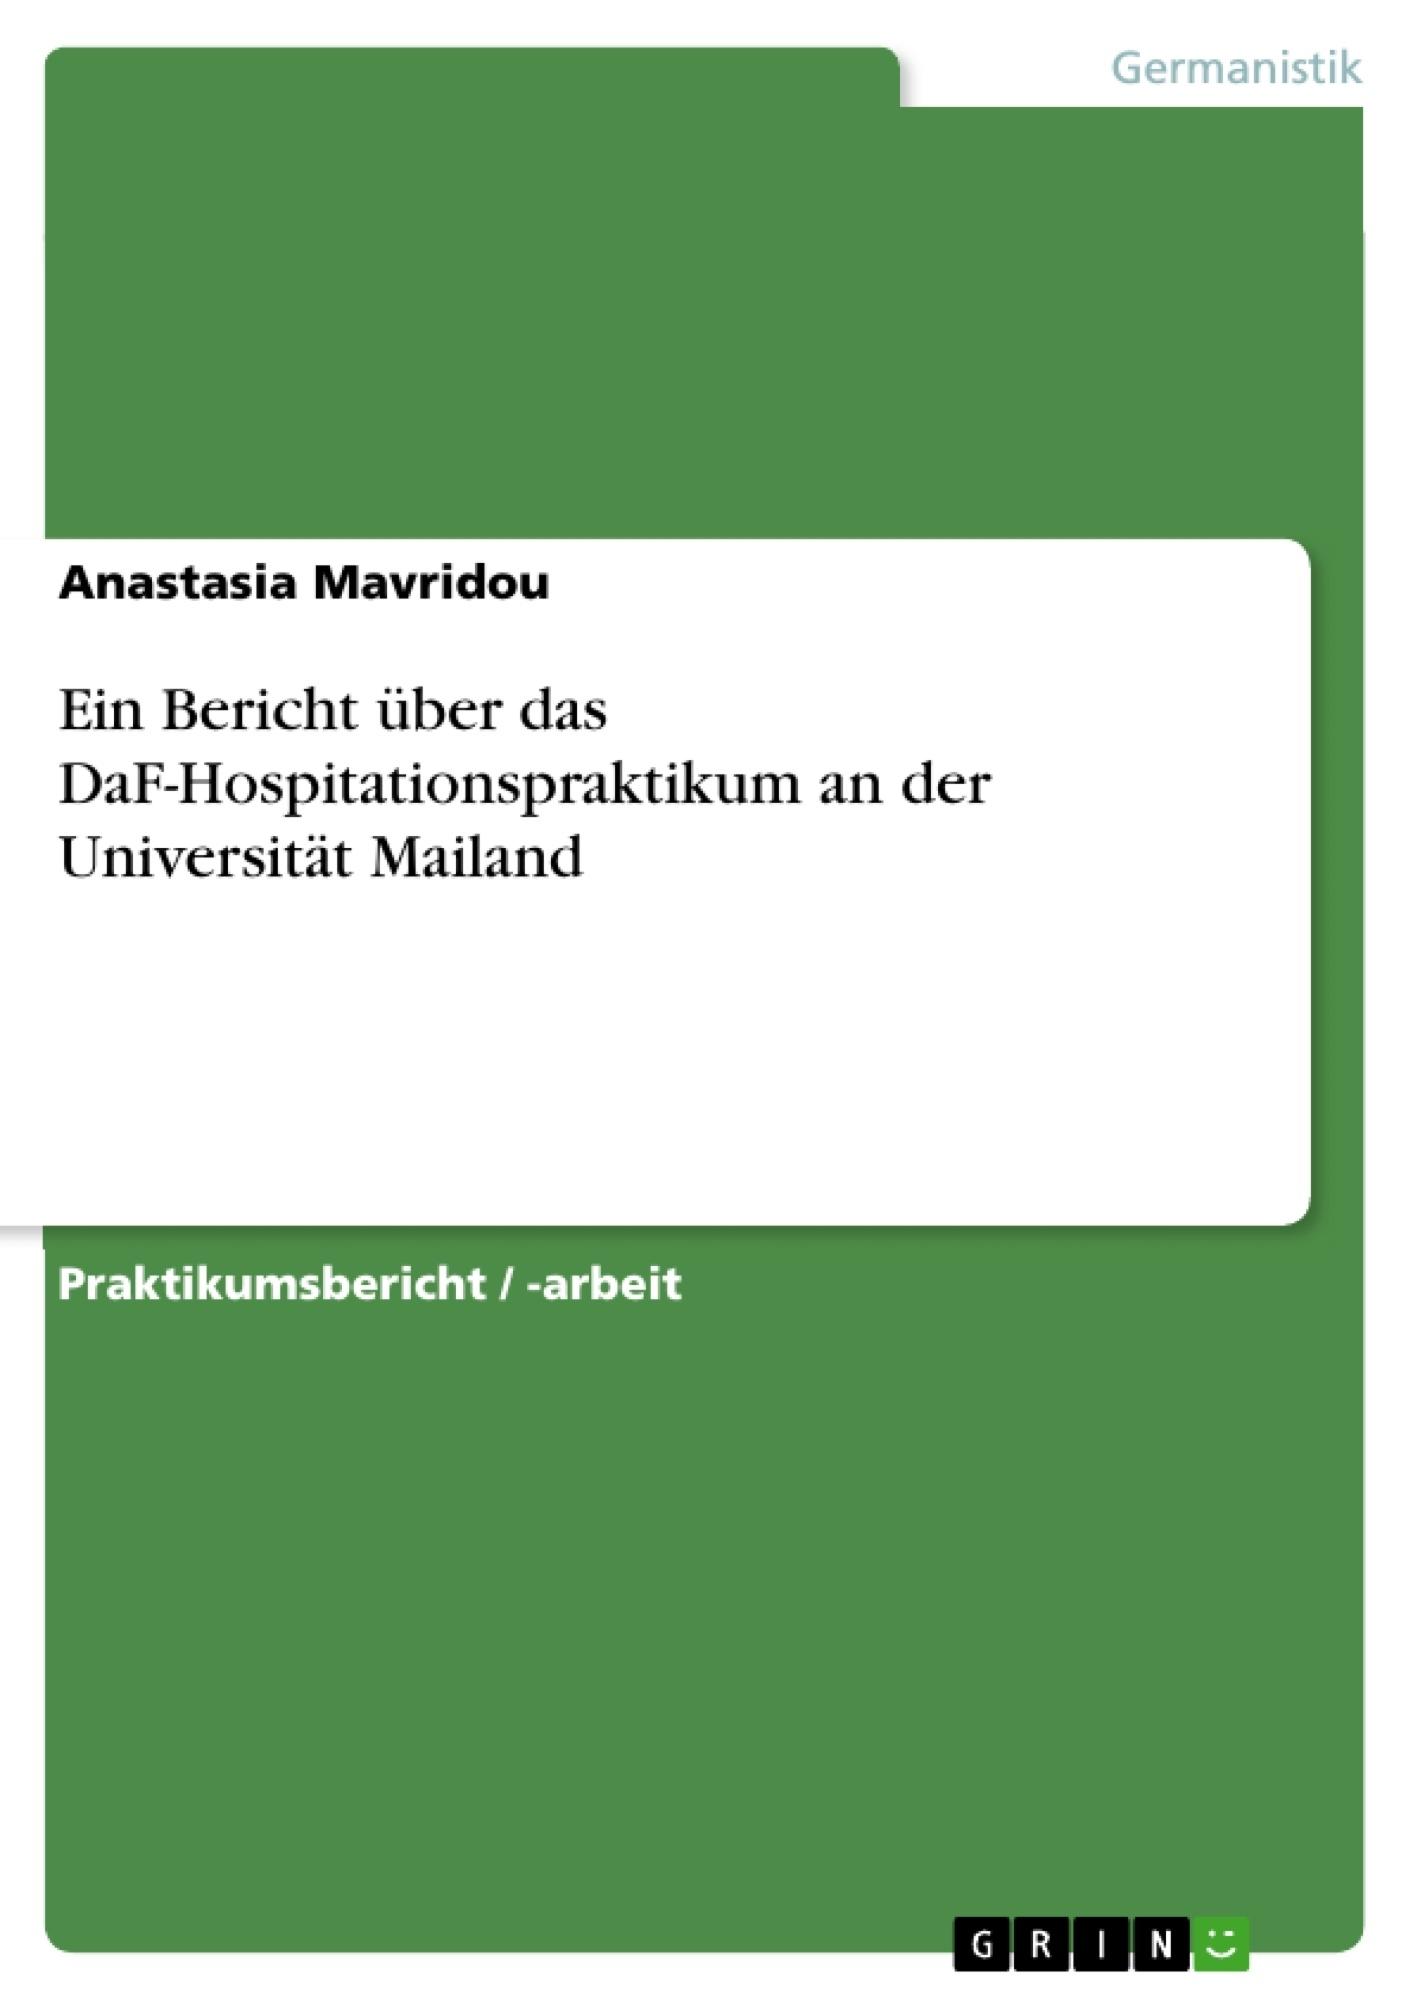 Titel: Ein Bericht über das DaF-Hospitationspraktikum an der Universität Mailand